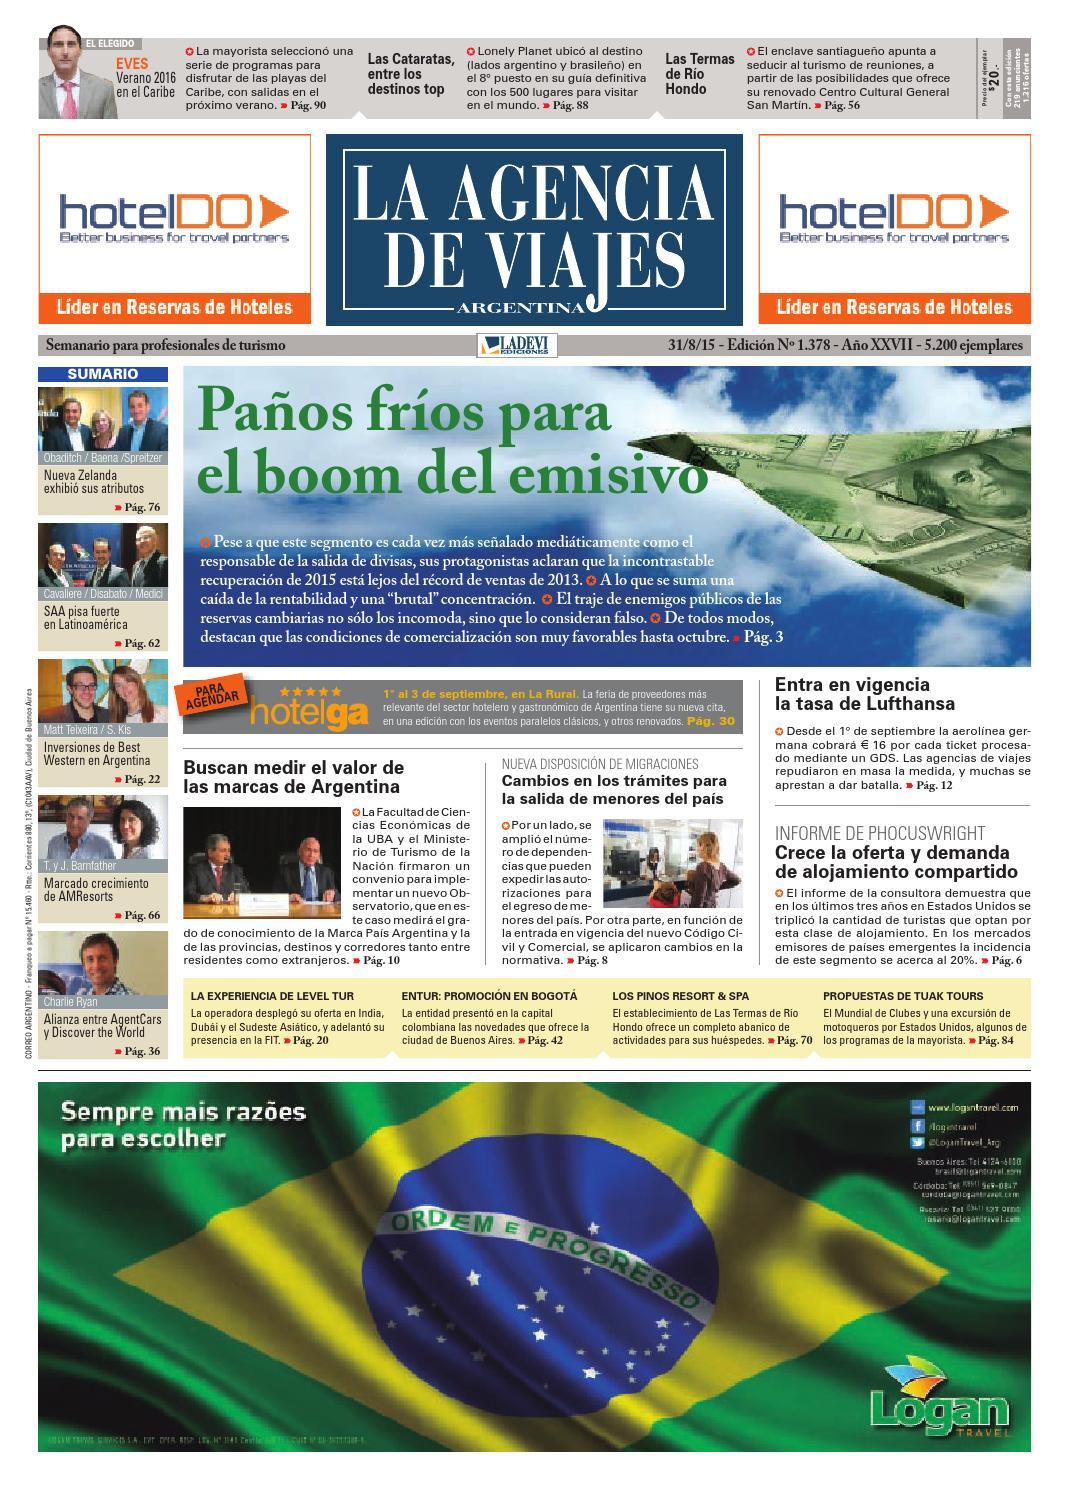 Saborea el lujo y el éxito 10 rondas casino en Argentina-804